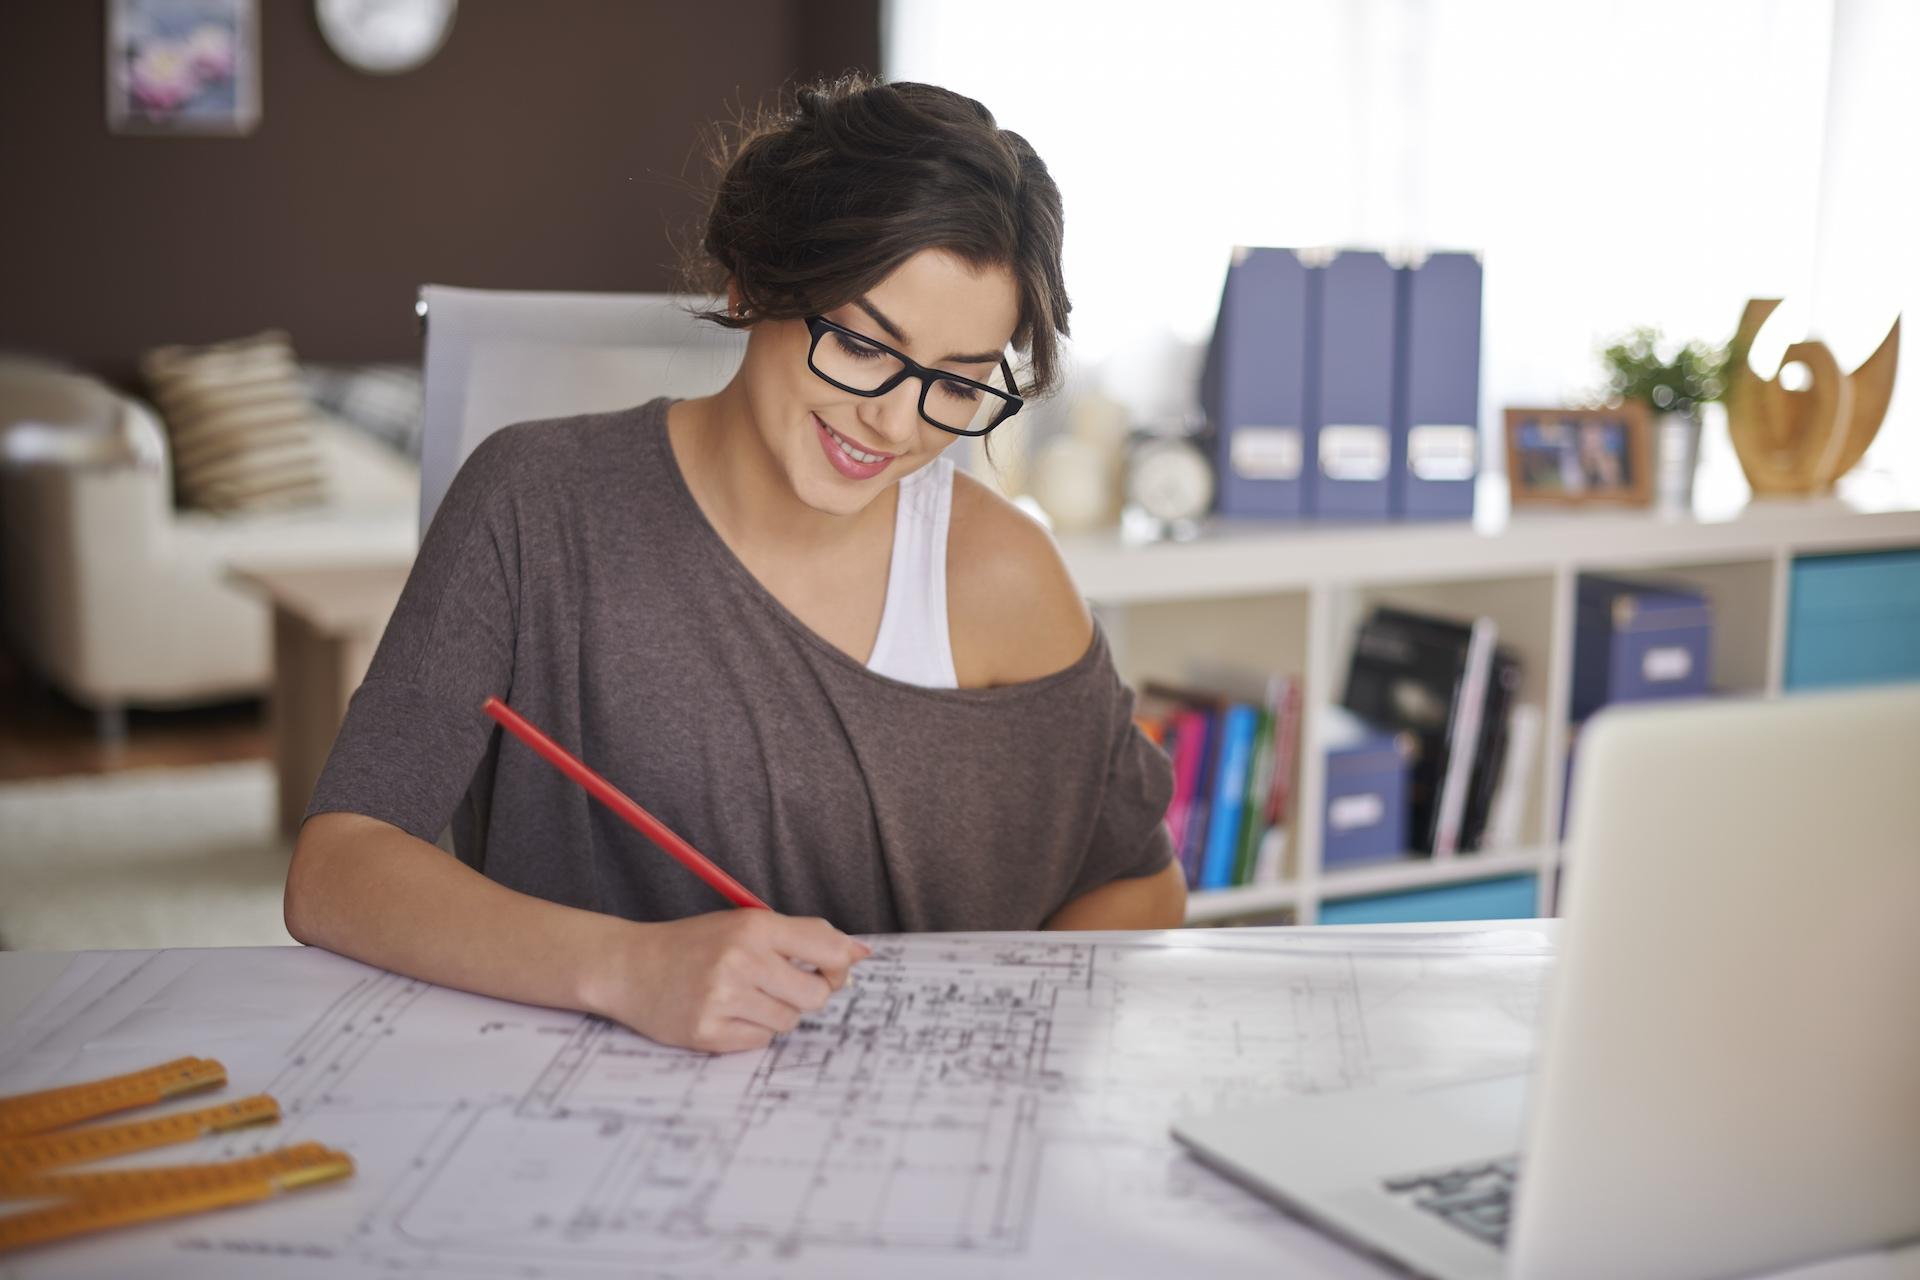 不再追求工作與生活的平衡,用「整合」的態度享受吧!